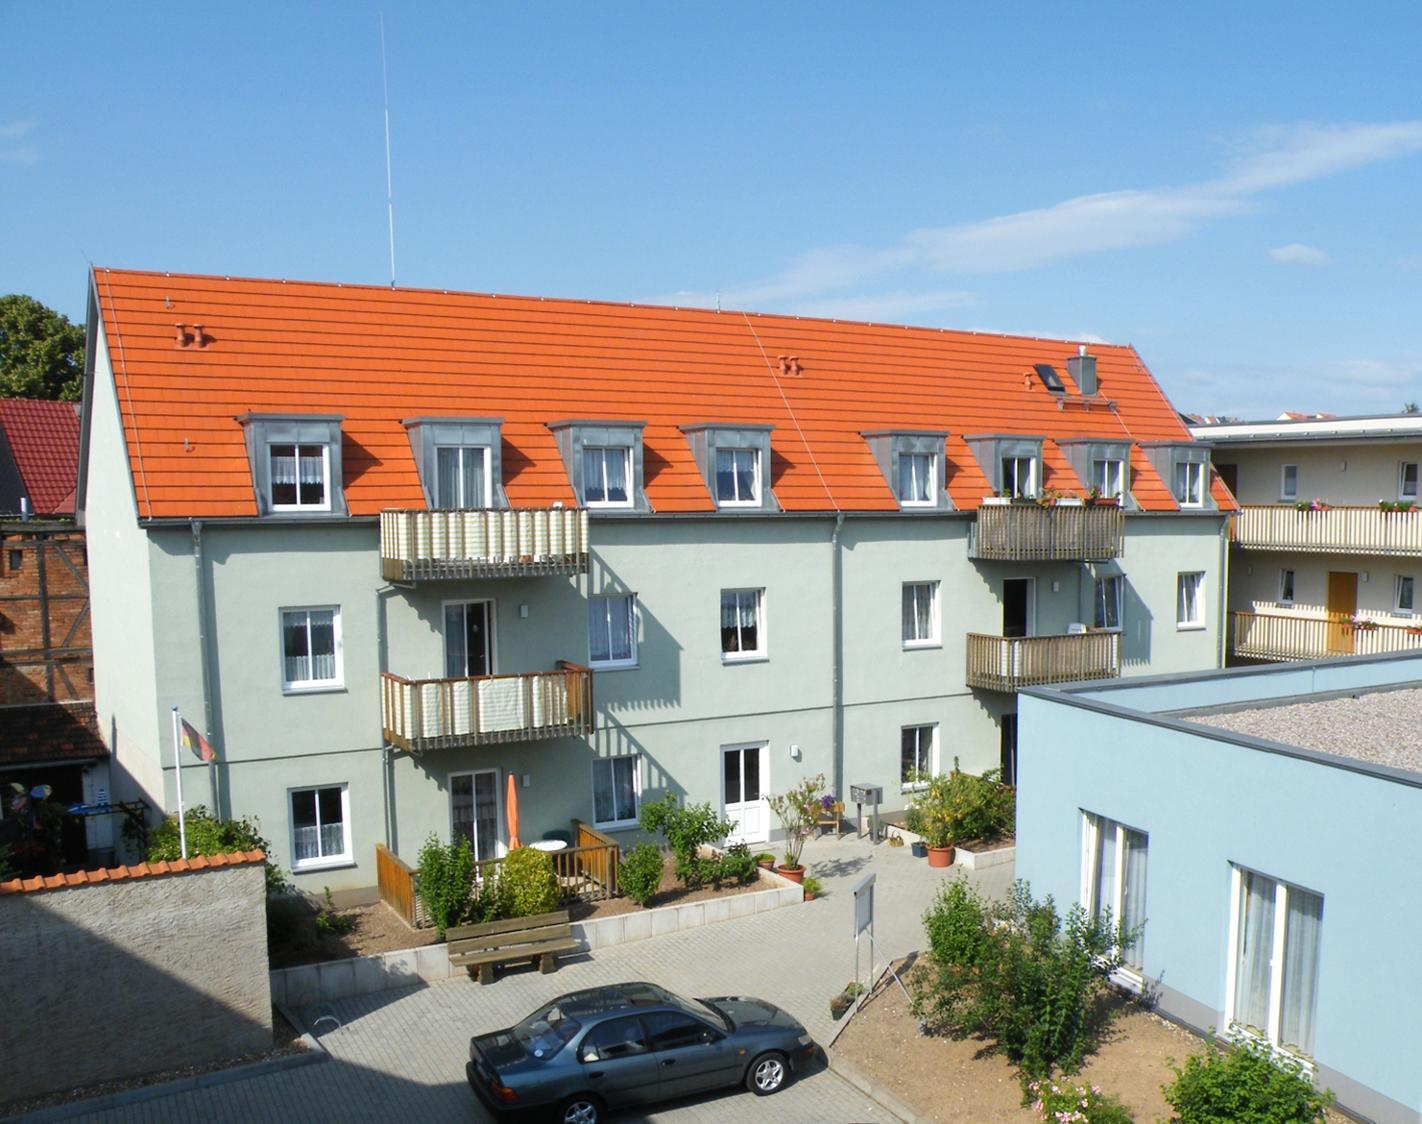 TWSD wohnen plus gGmbH - Pflegeheim Artern